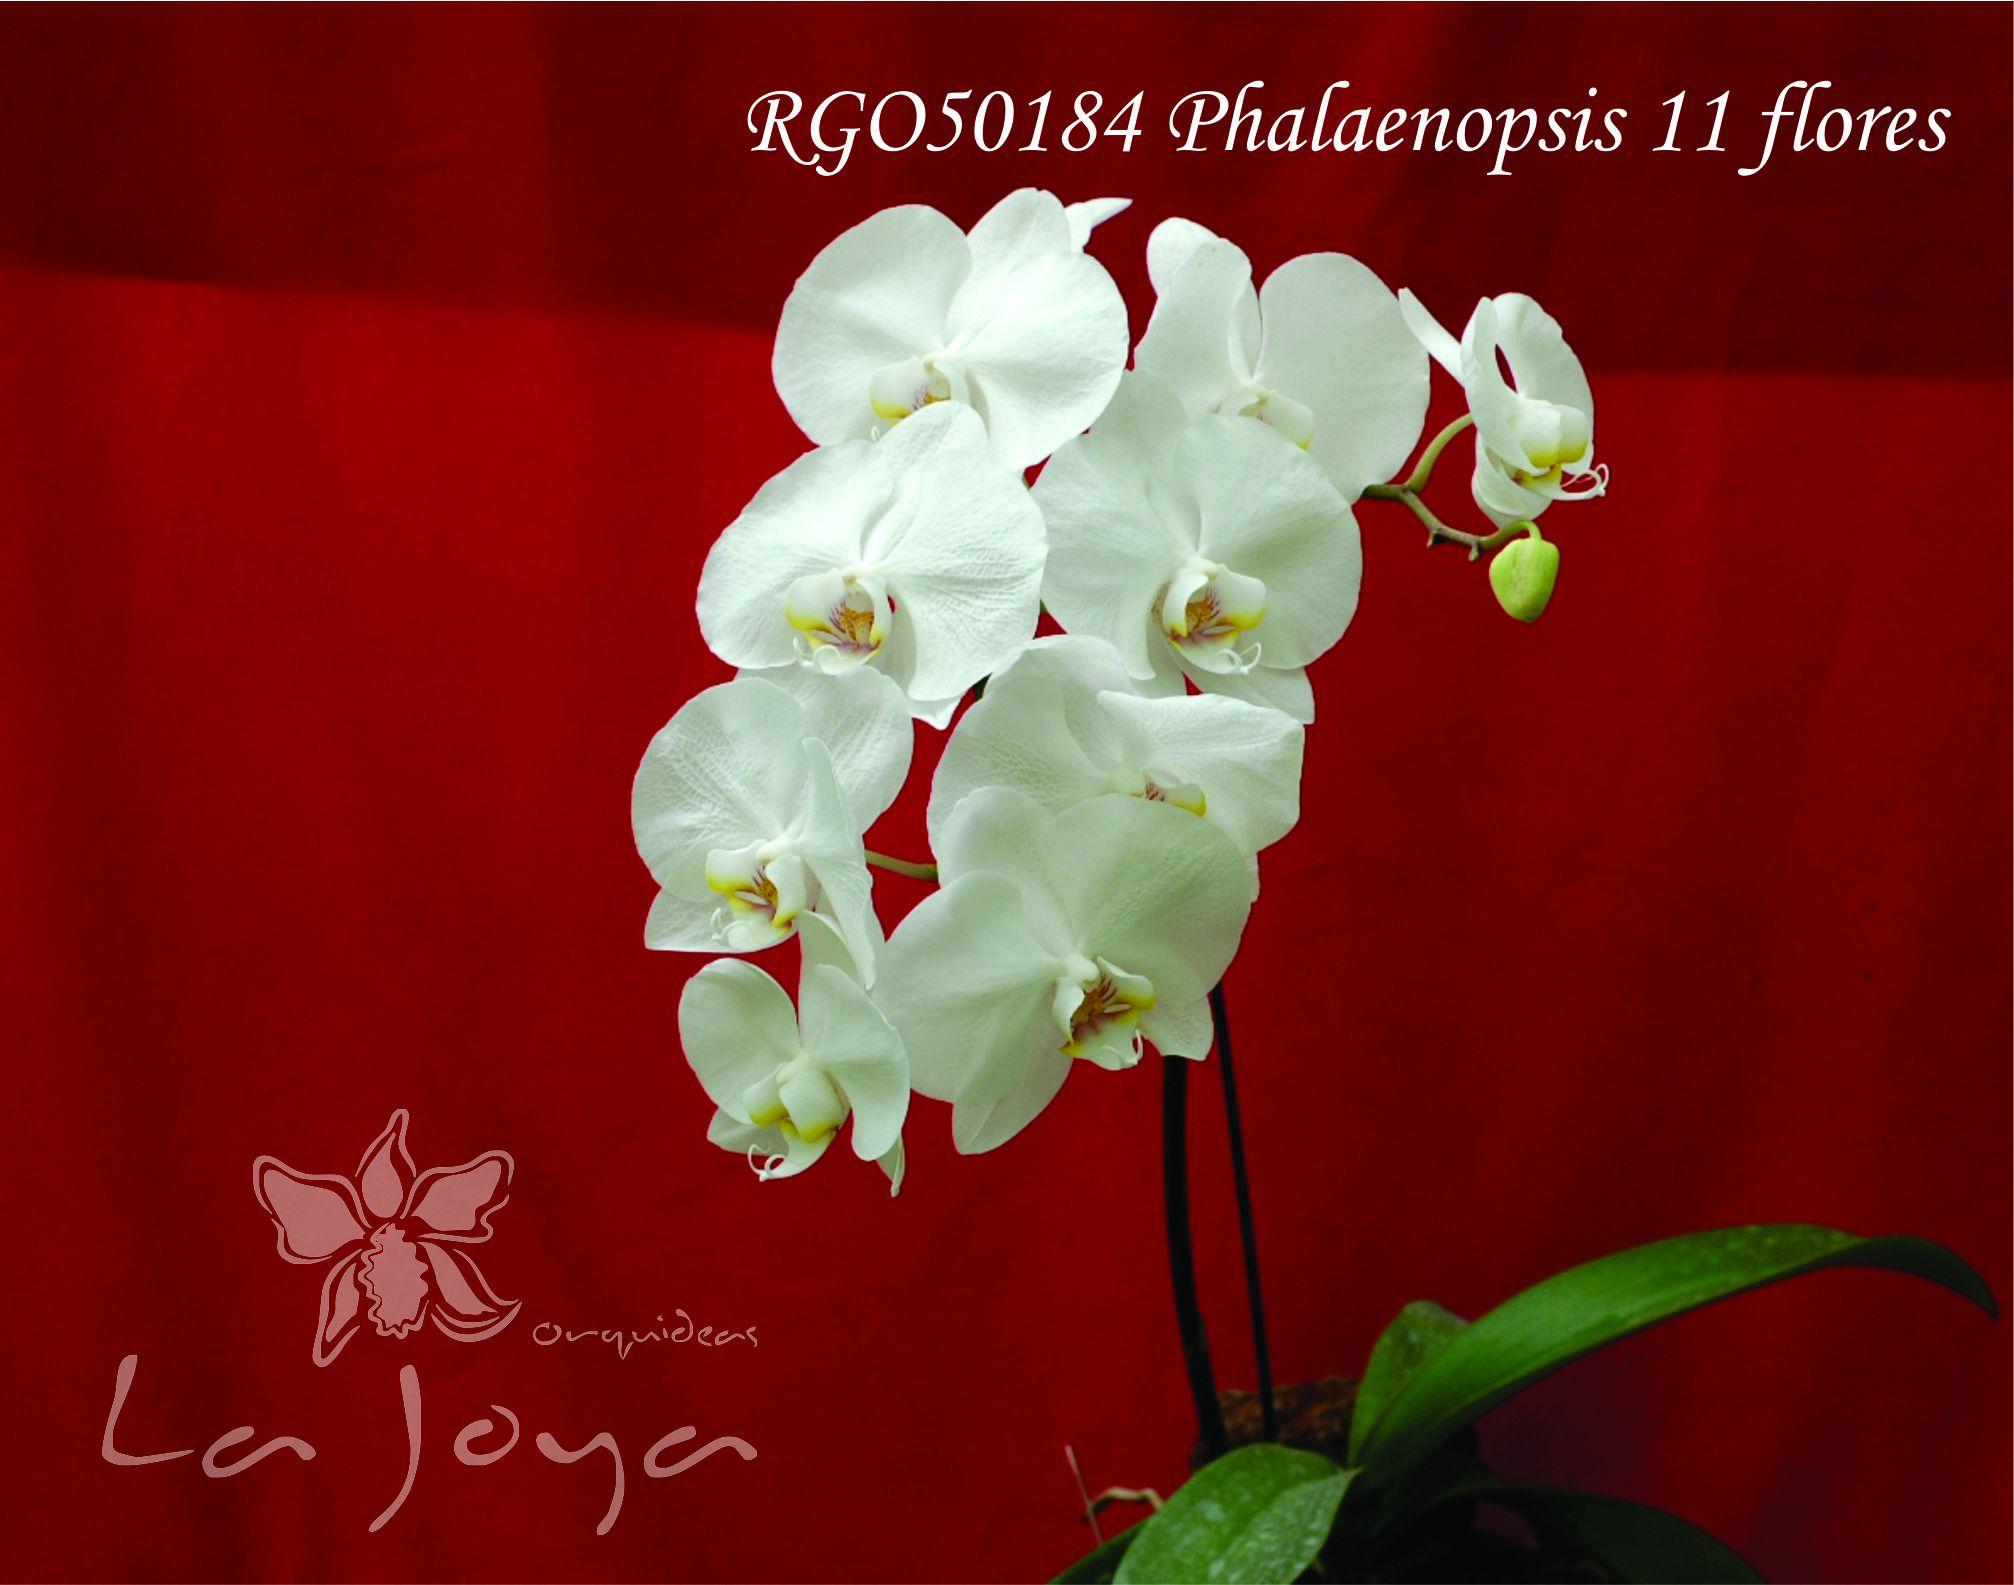 Phal RG050184 con 11 flores